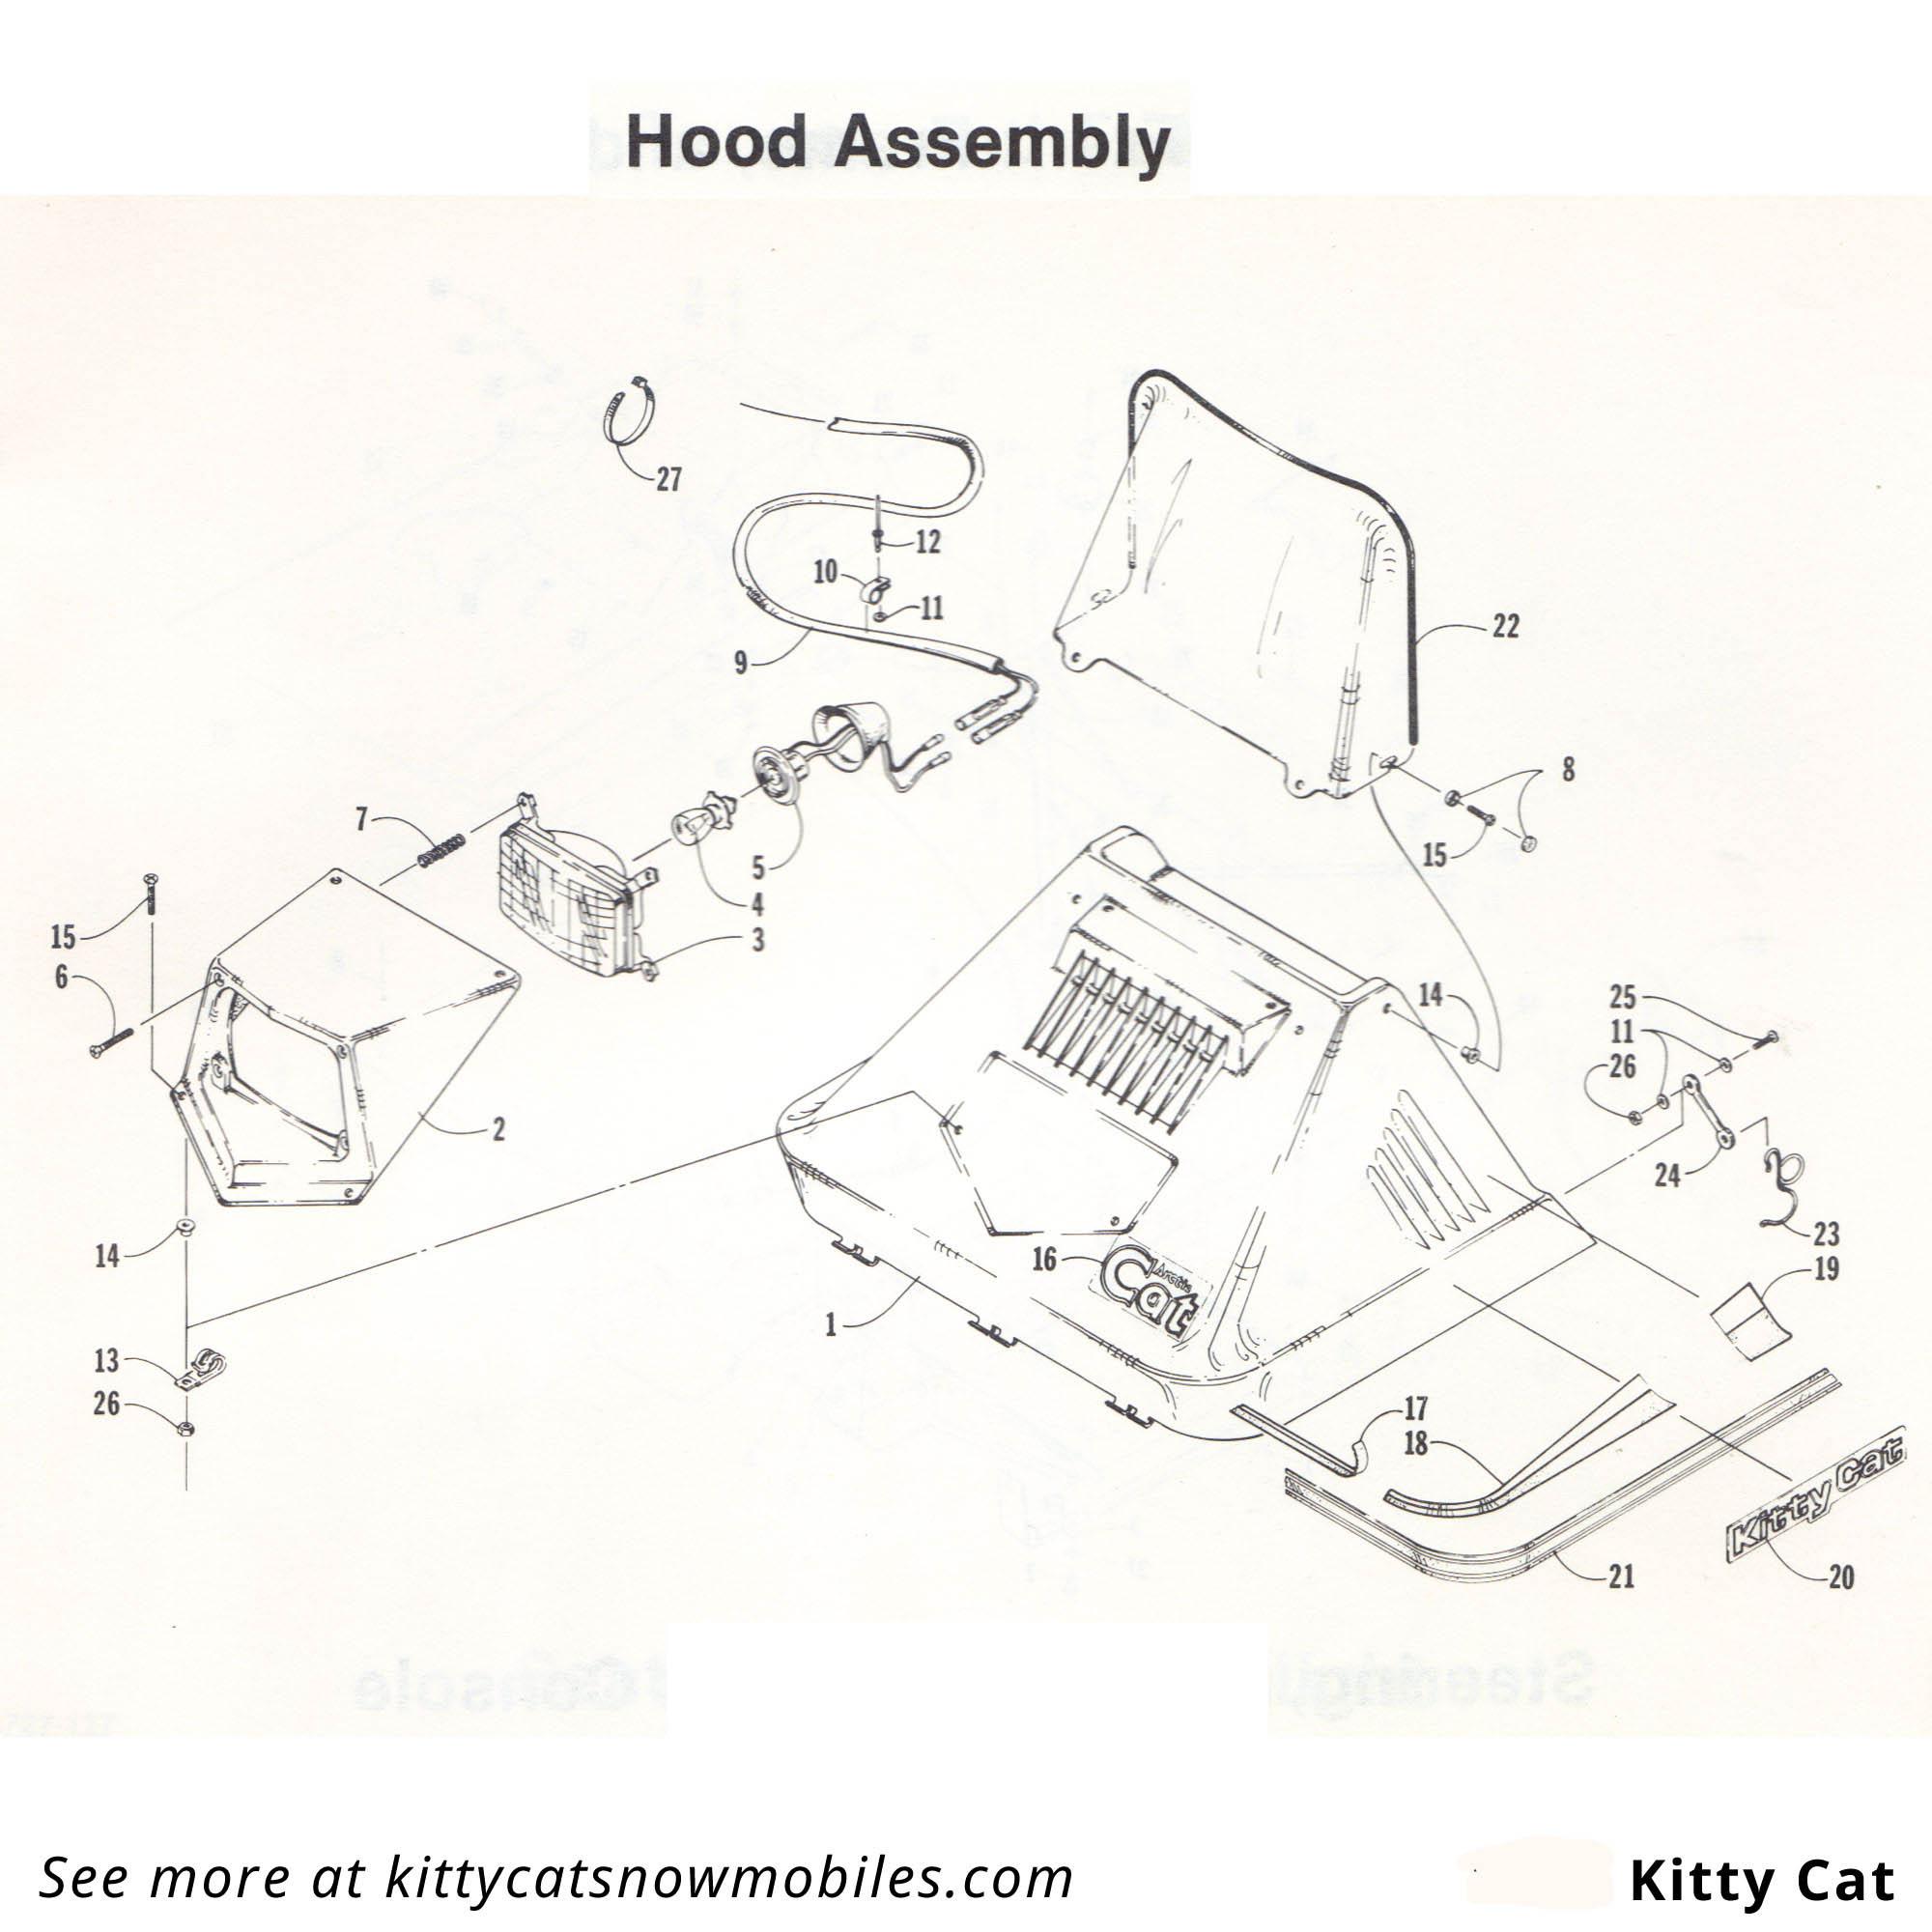 85 Kitty Cat Hood Parts